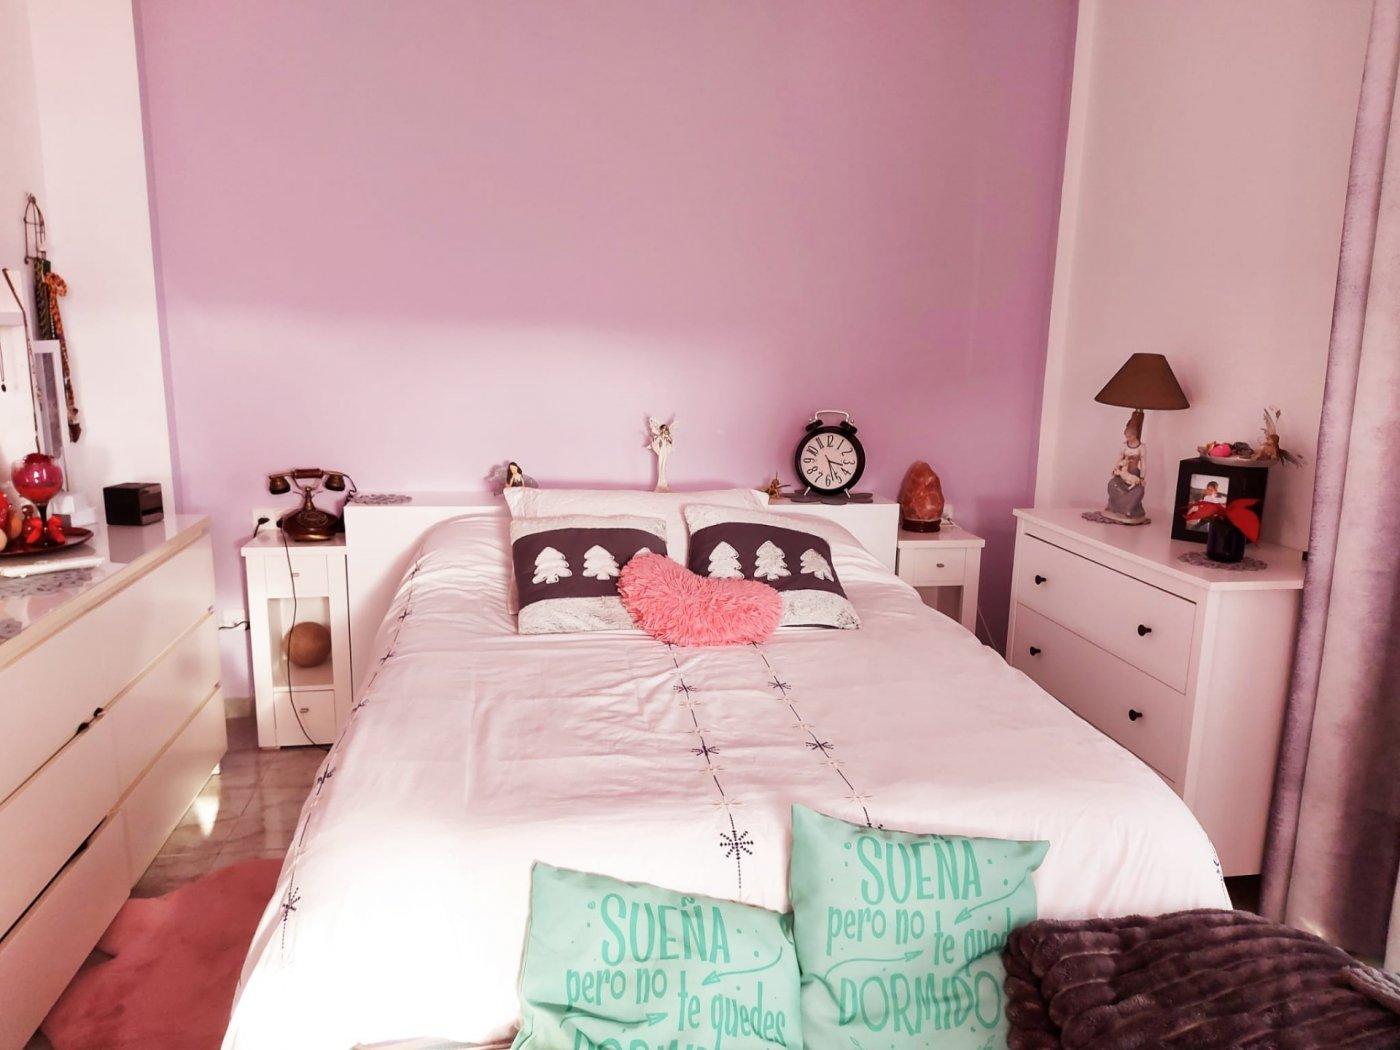 En venta espectacular casa o chalet en can carbonellell-sa cabana - imagenInmueble13